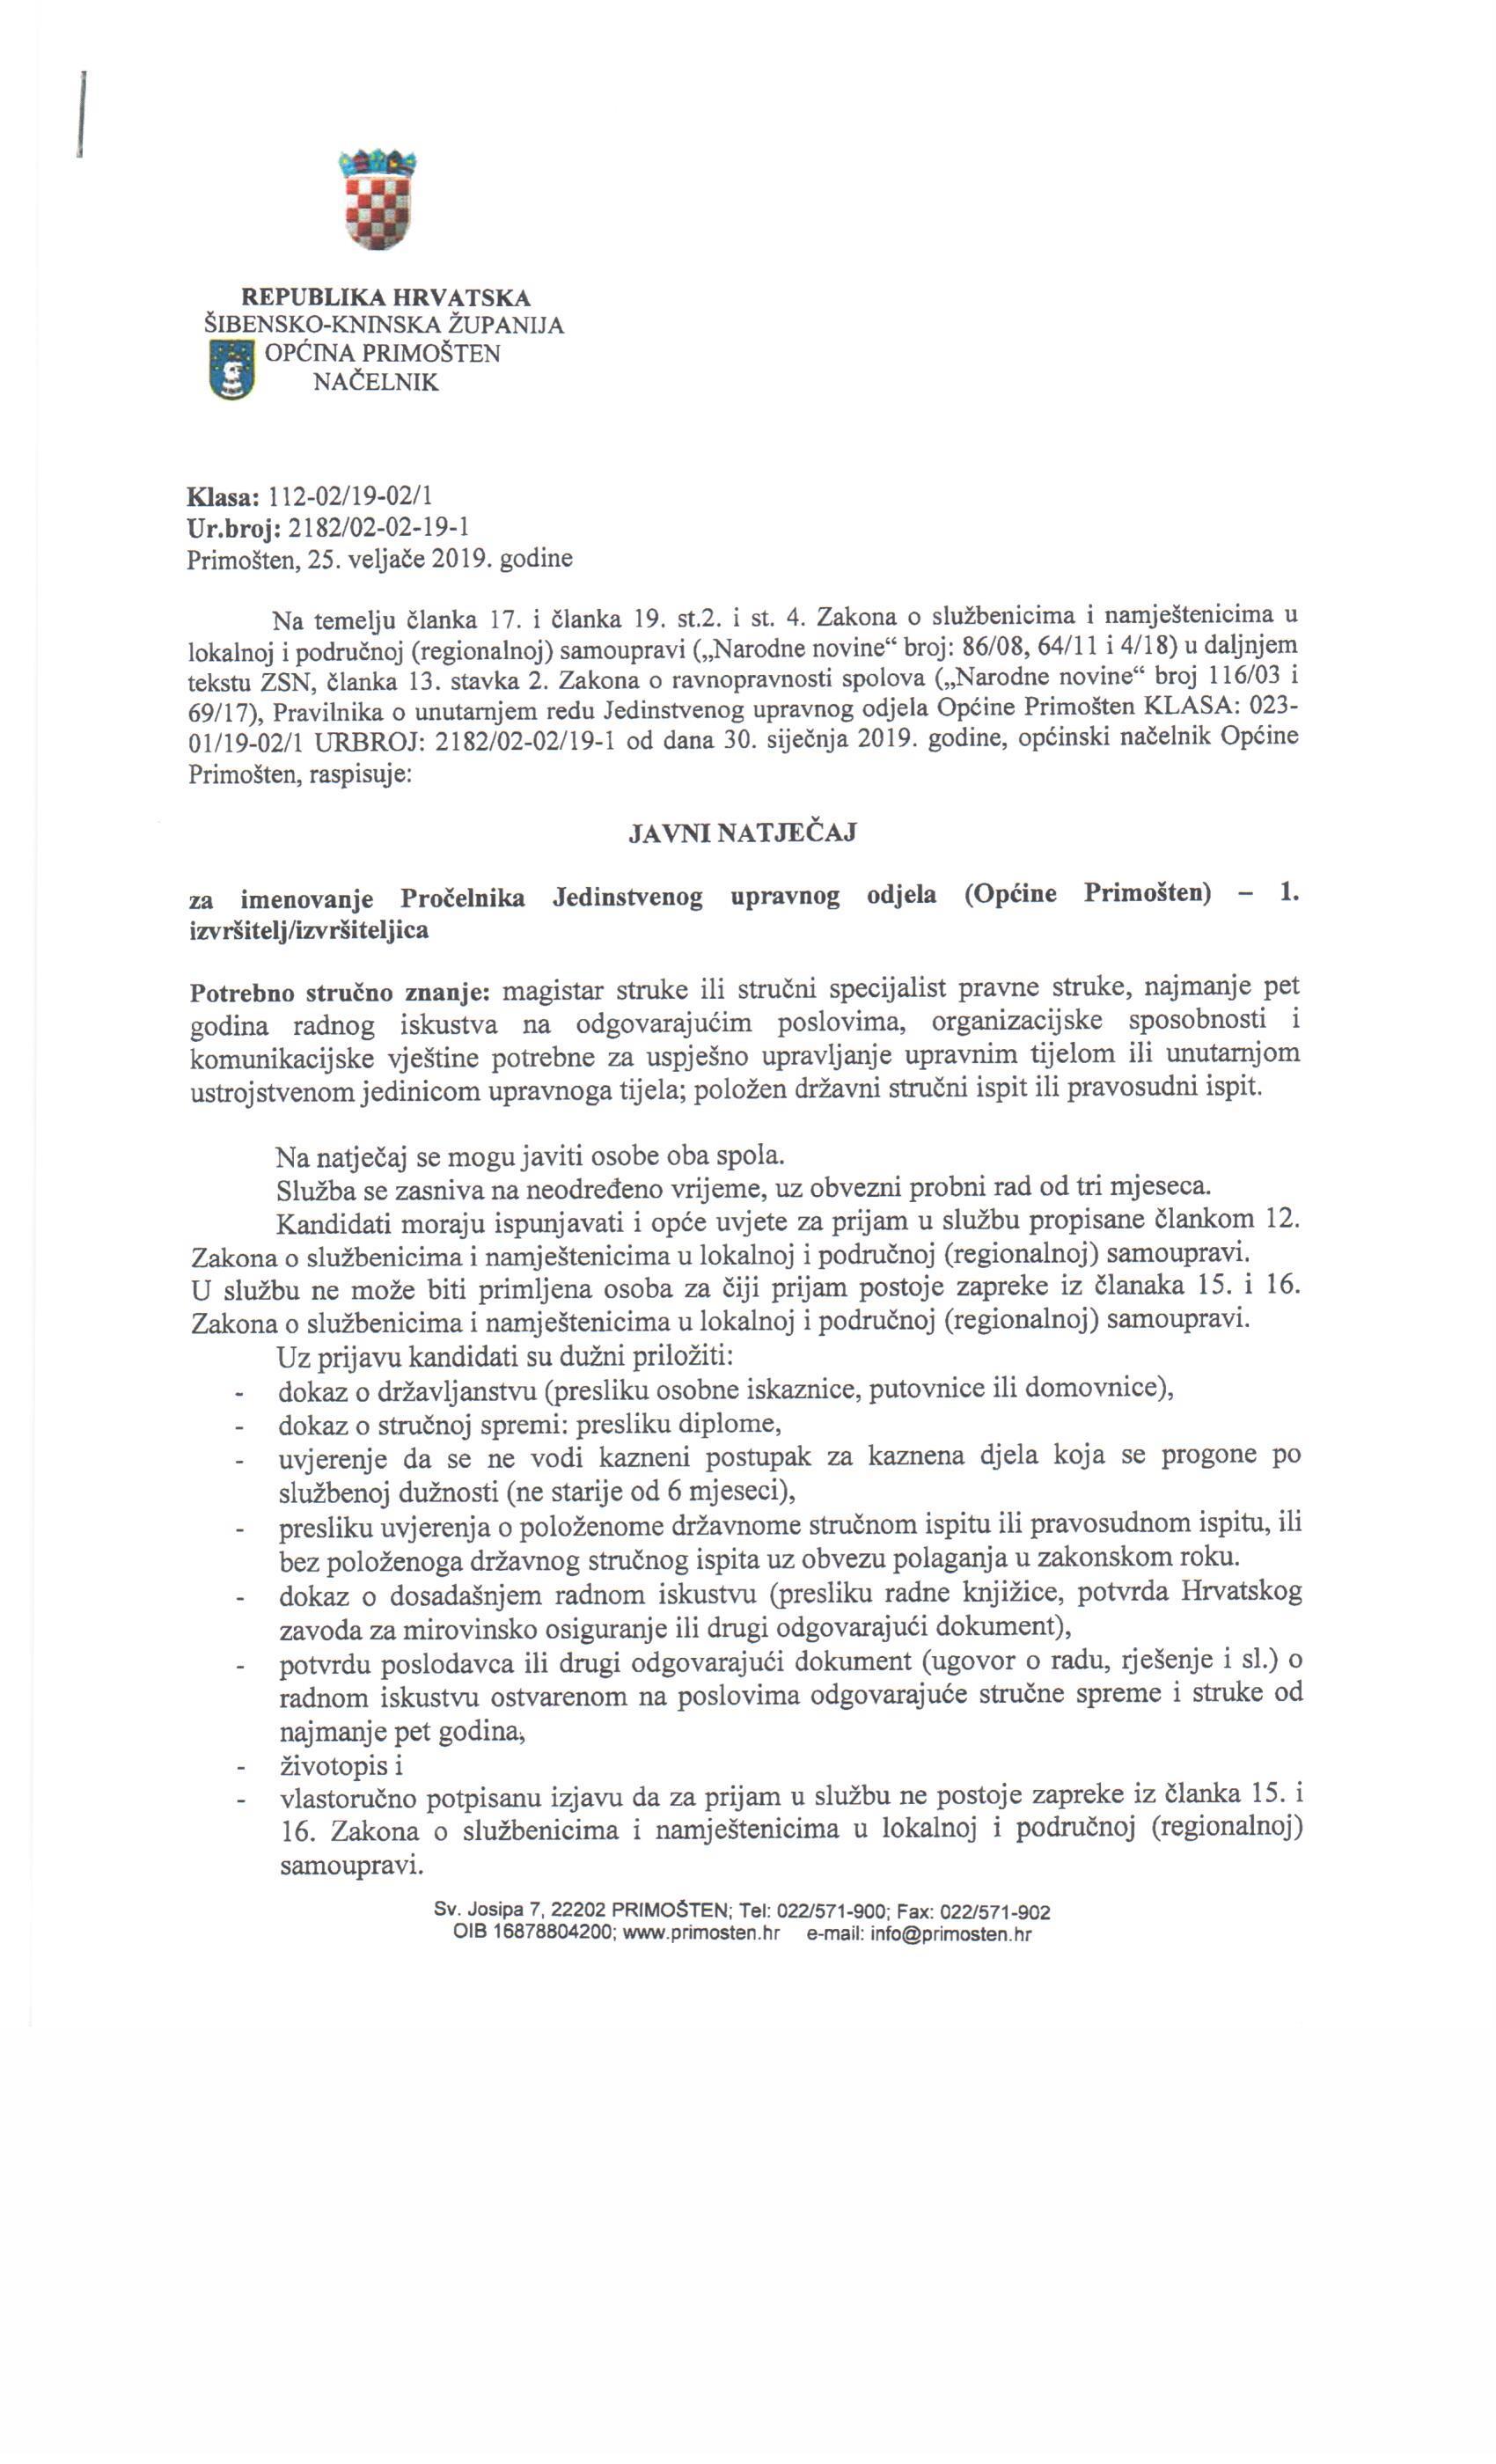 prijem_u_sluzbu_procelnik0001